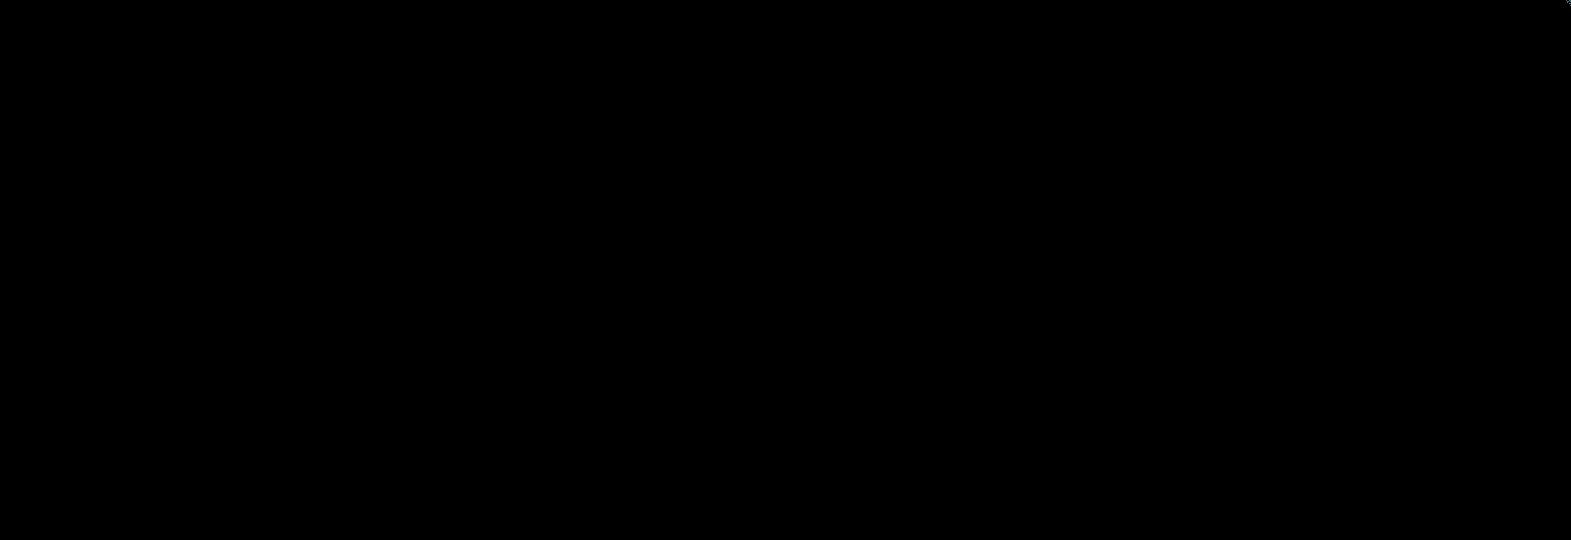 gradient_left.png